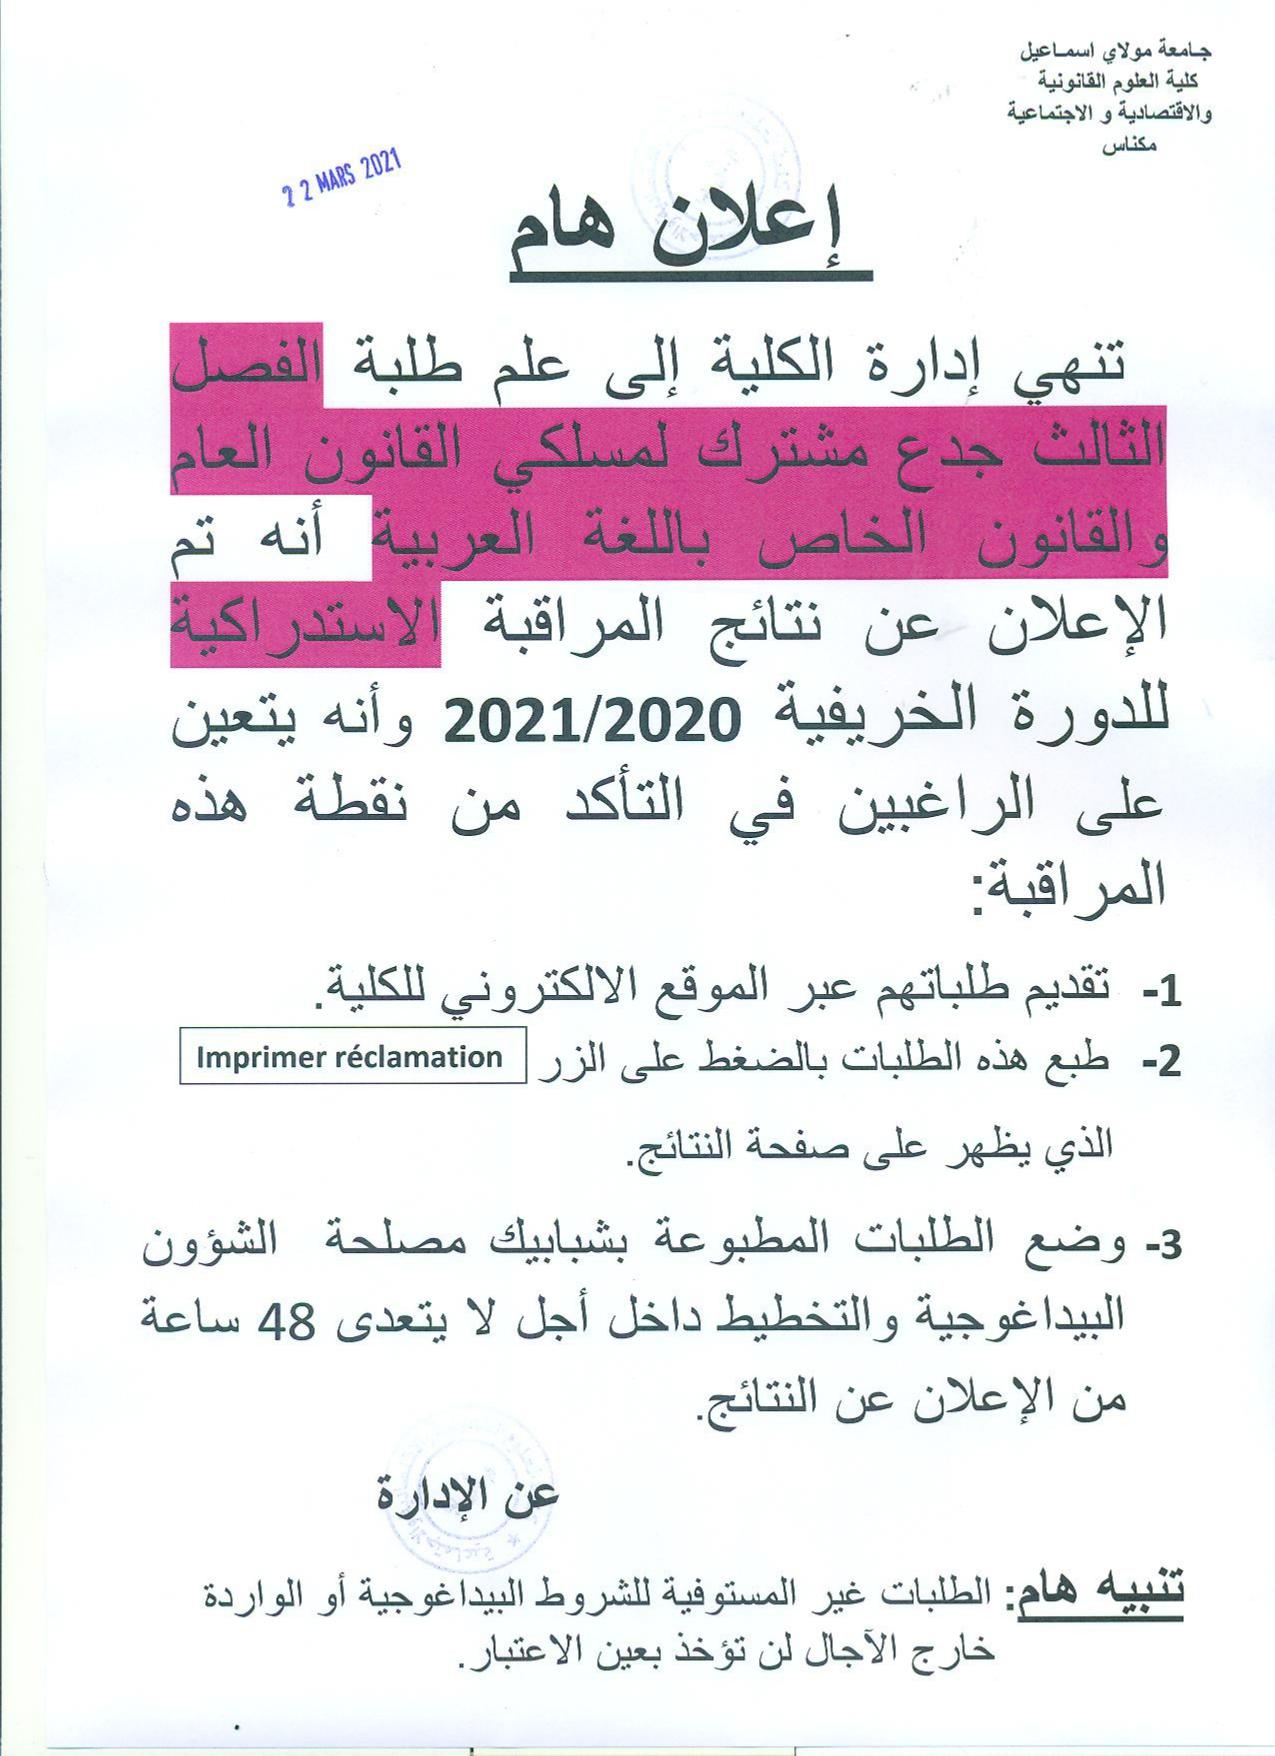 إعلان لطلبة الفصل الثالث جدع مشترك لمسلكي القانون العام والقانون الخاص باللغة العربية